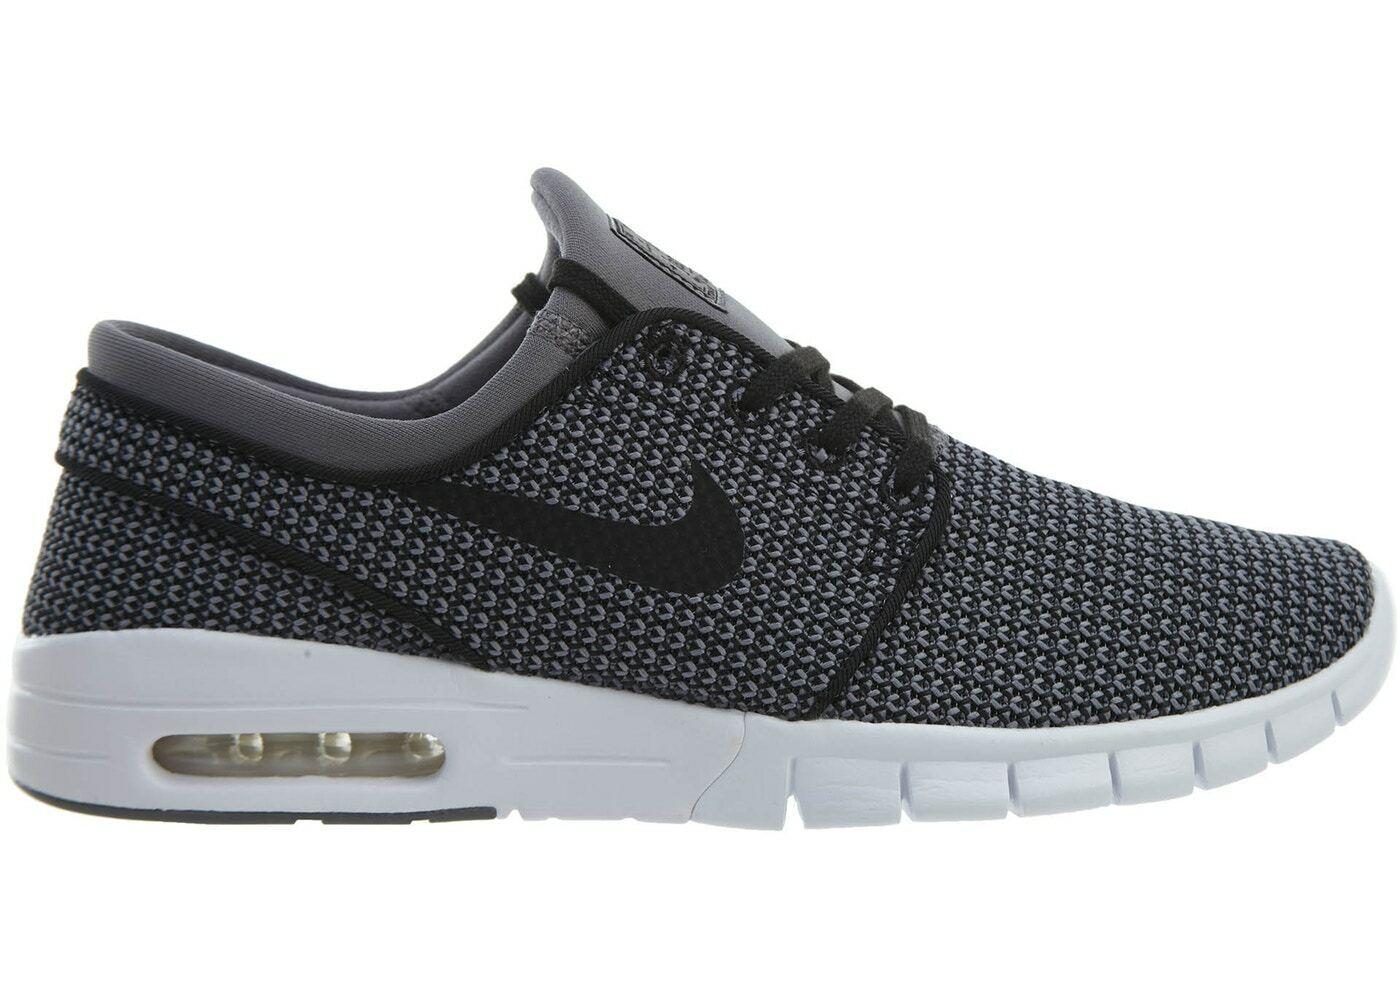 Nike SB Zoom Stefan Janoski HOUNDSTOOTH GUNSMOKE GREY BLACK WHITE 631303-024 11